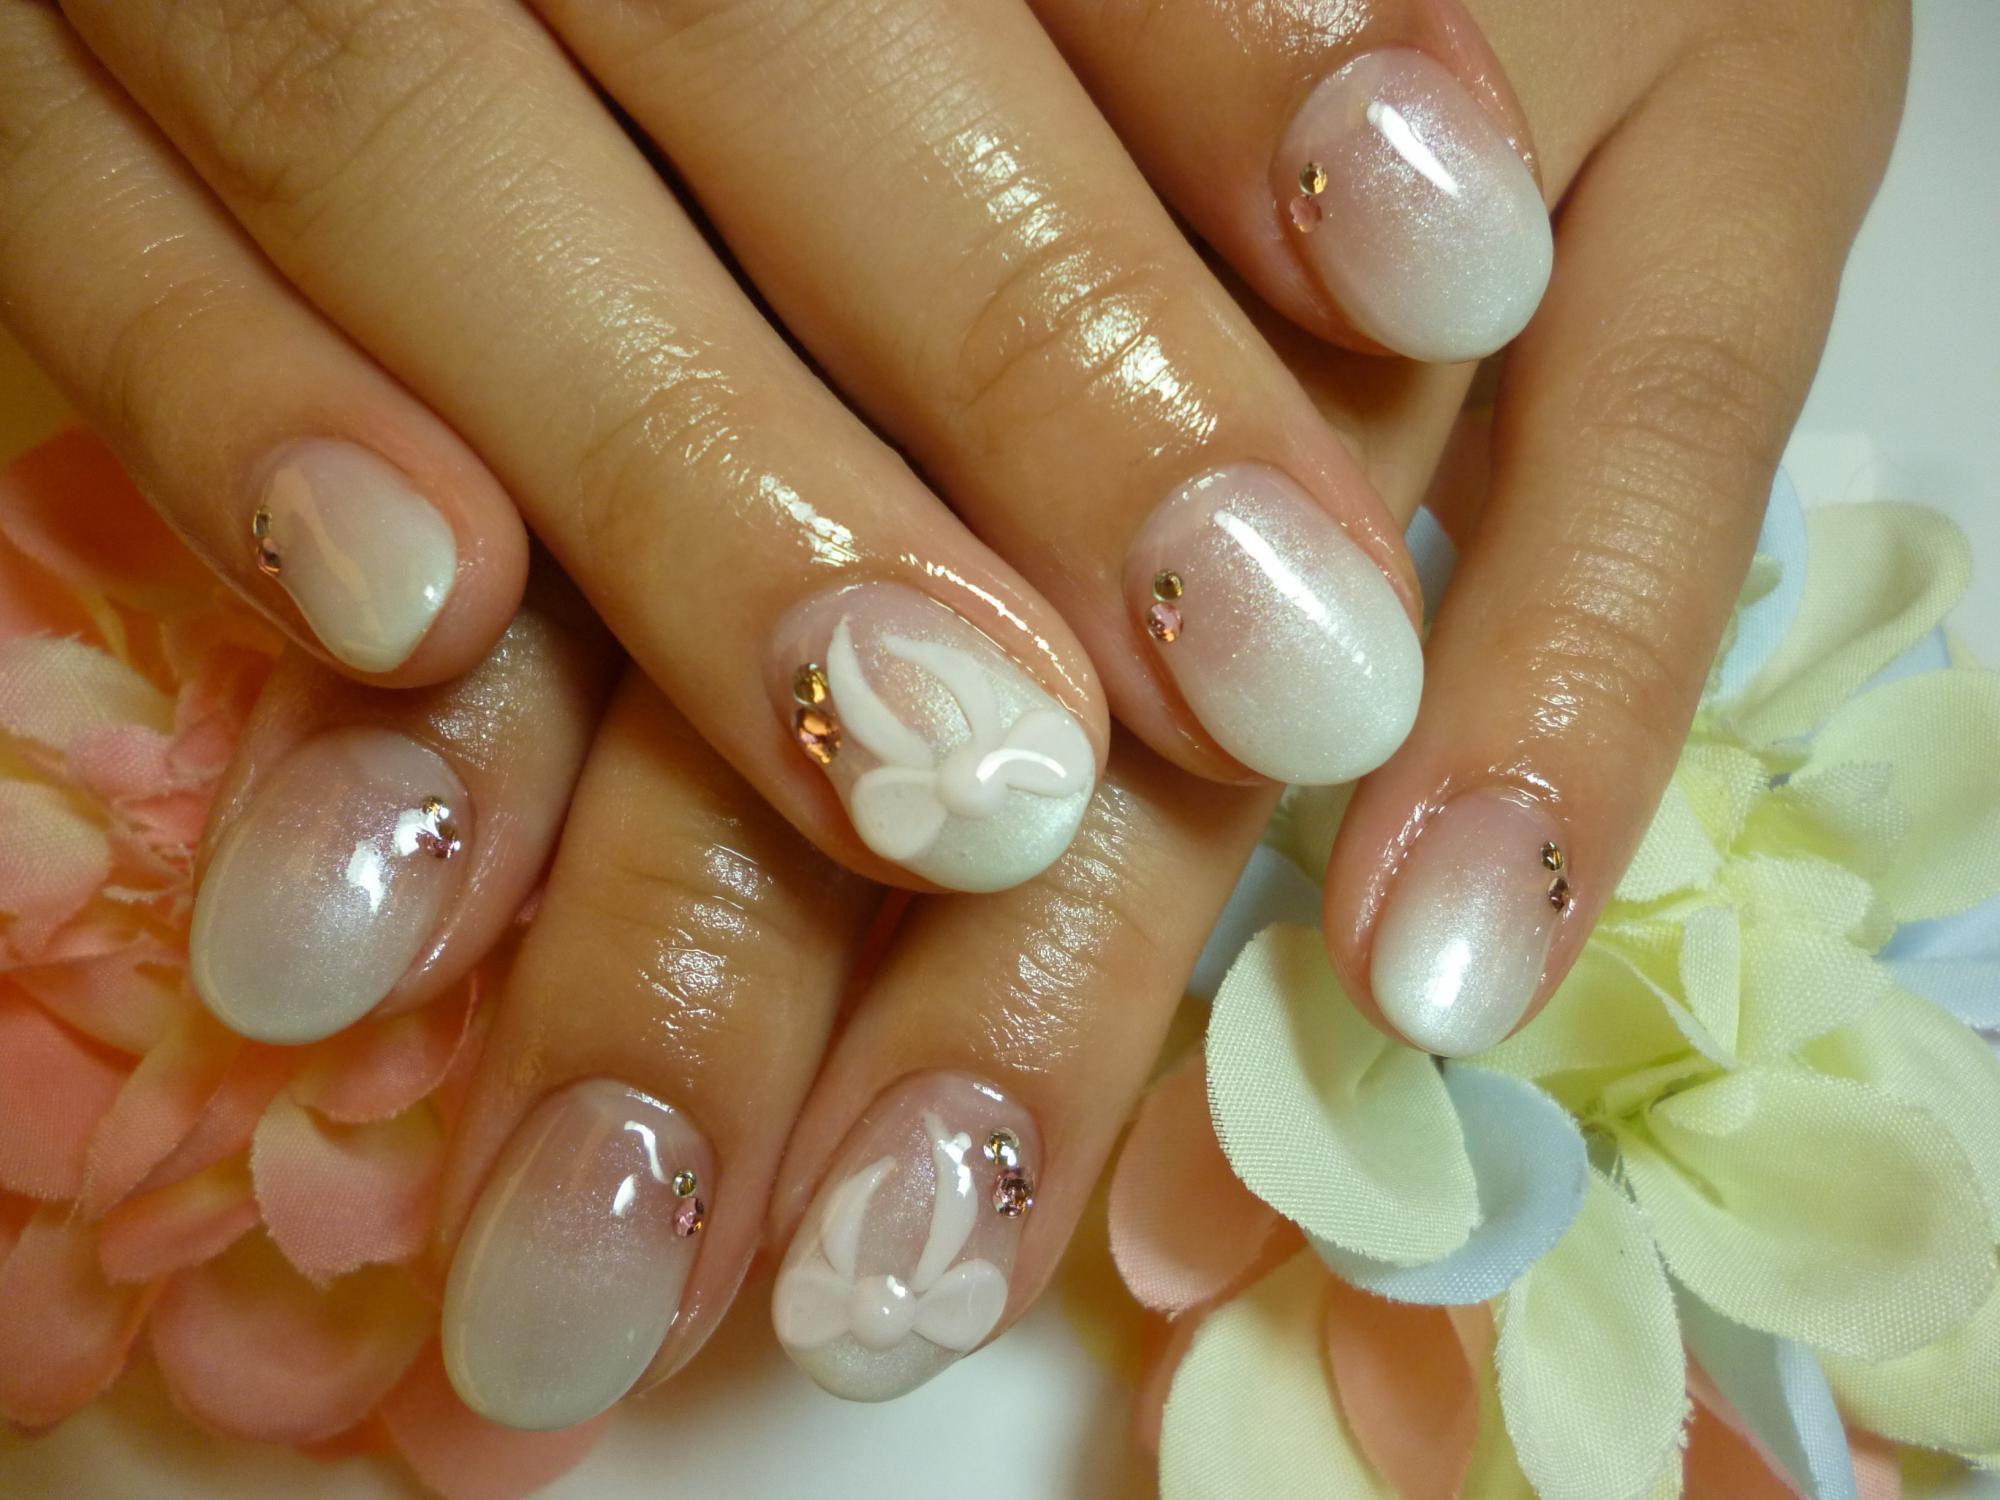 Гель лак свадебный дизайн на короткие ногти фото